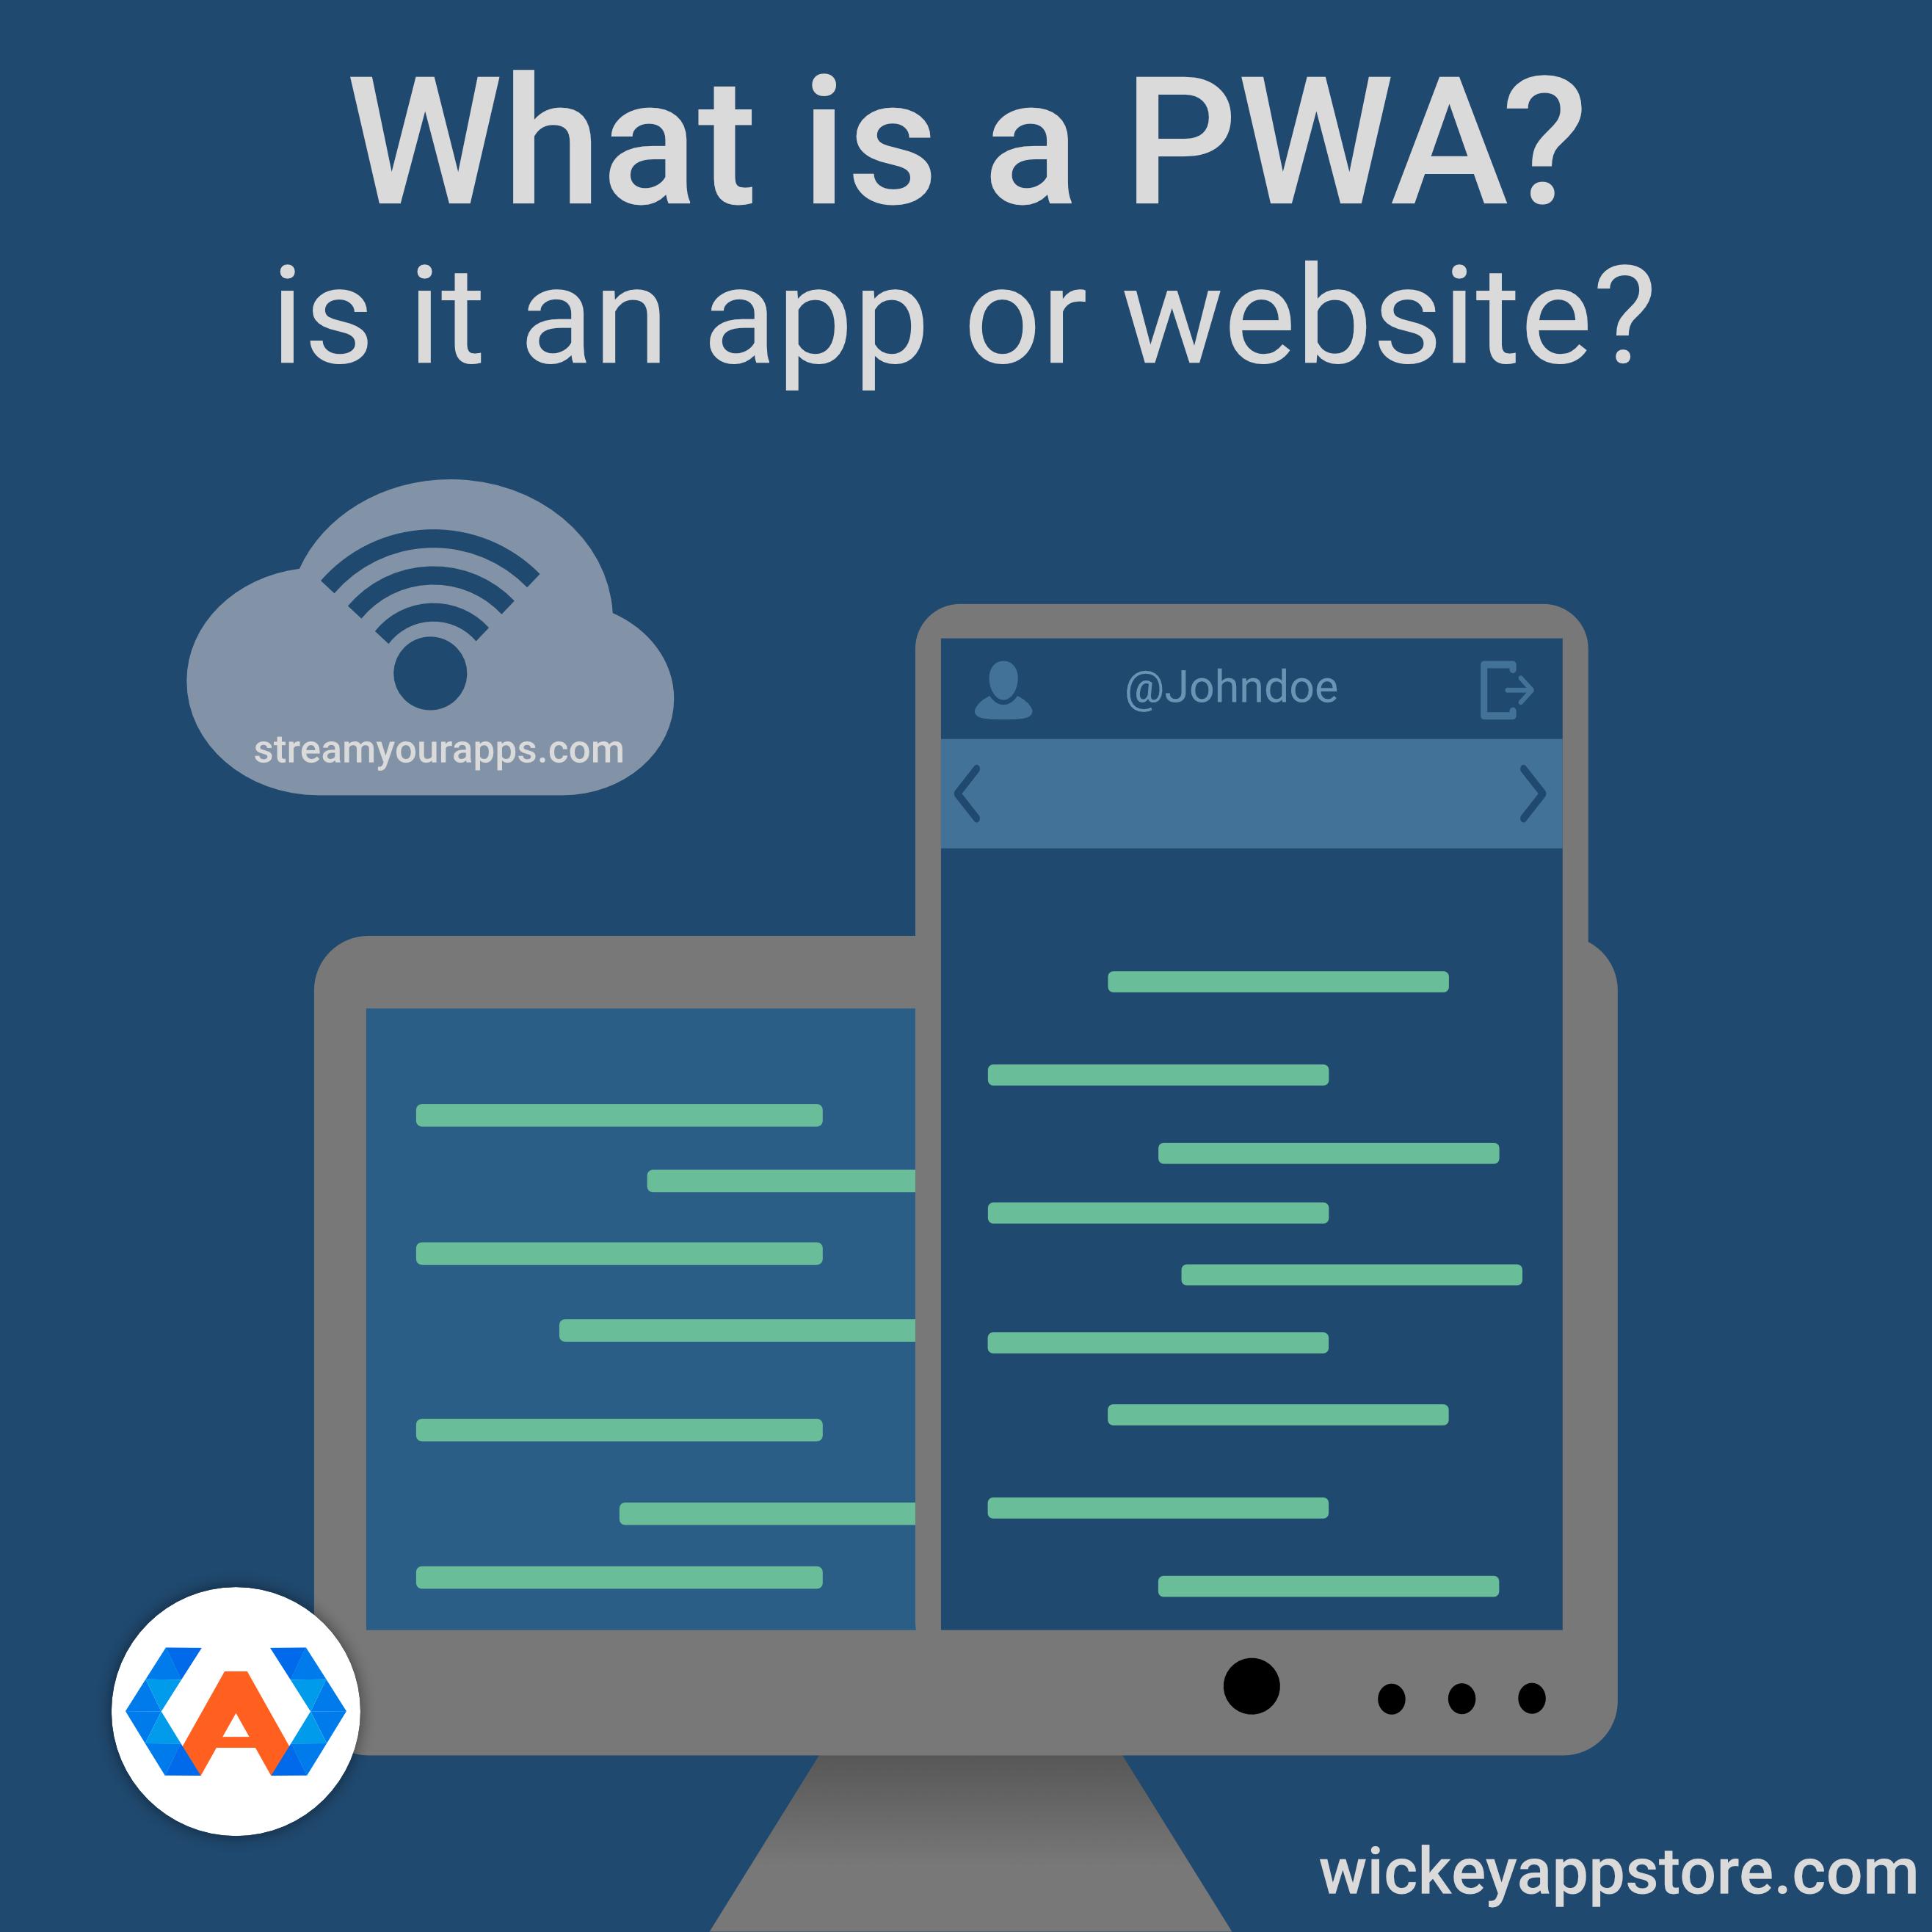 Progressive Web Apps or PWA's are a hybrid of a native app